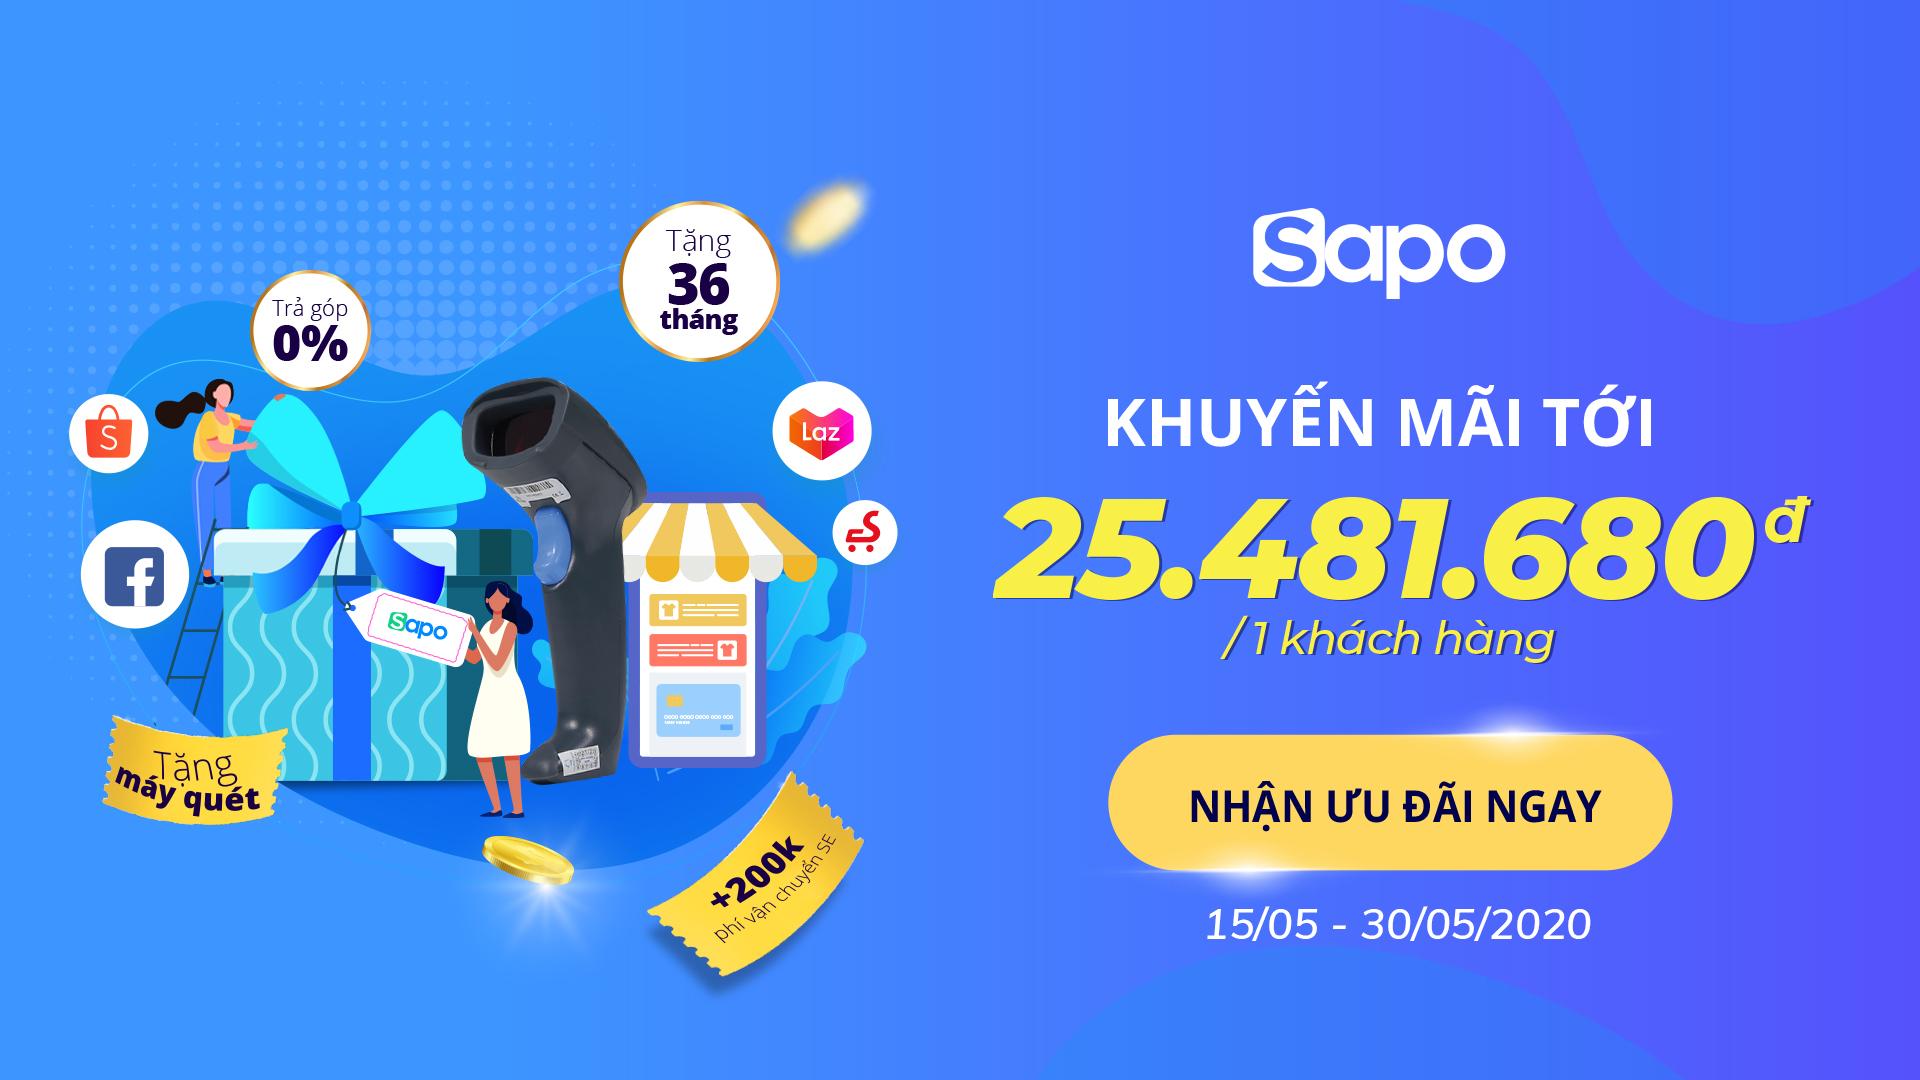 Sapo siêu ưu đãi: Trợ giá tới 25.481.680đ giúp shop tăng tốc bán hàng